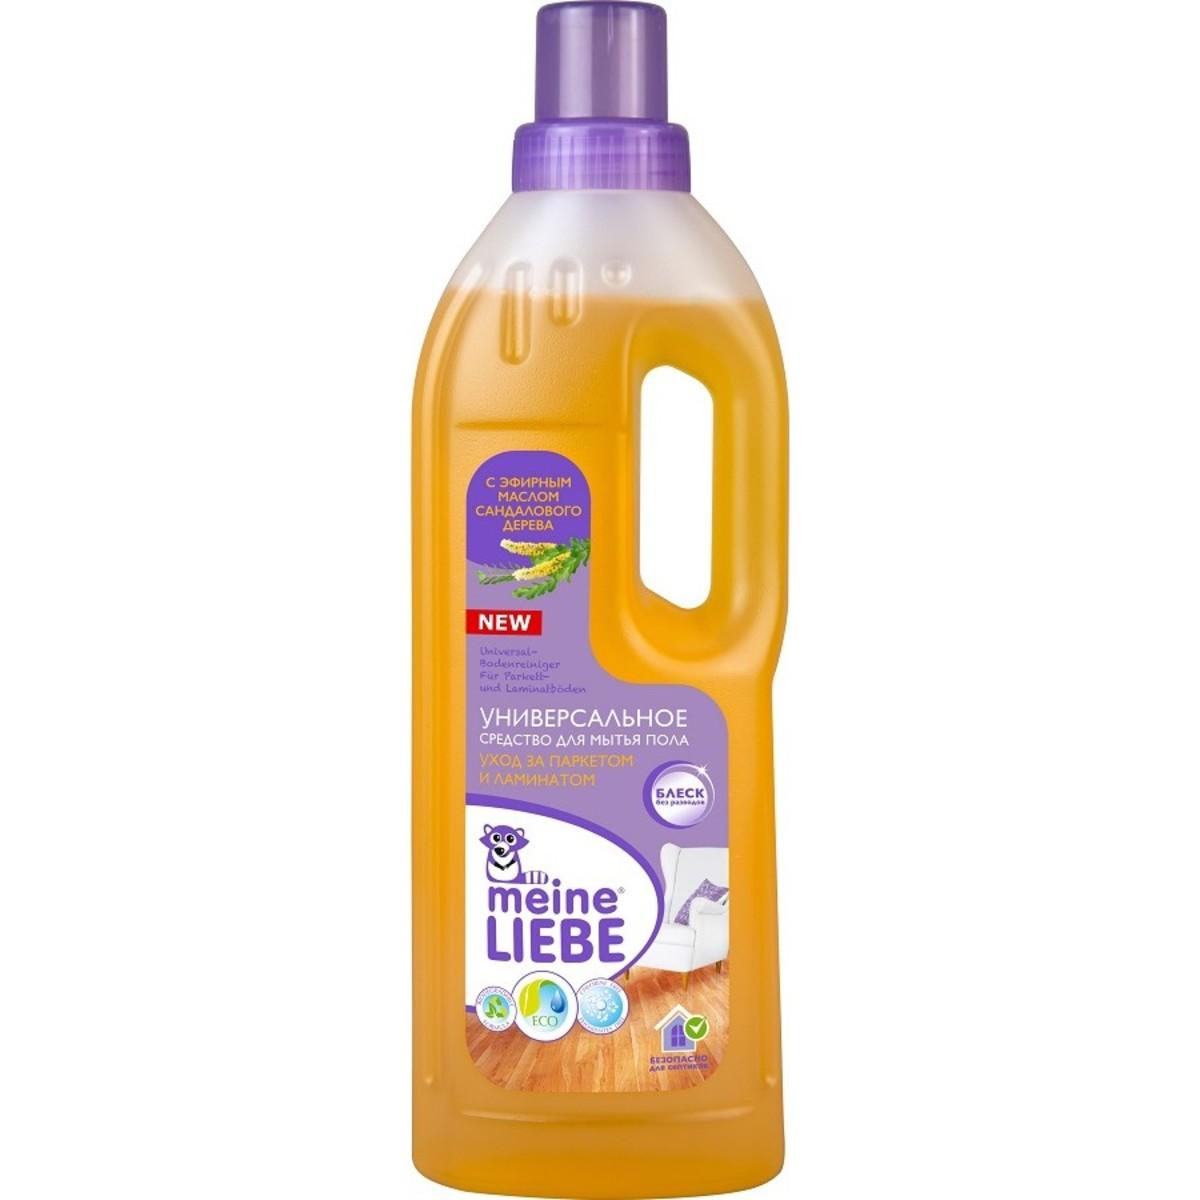 Гель для мытья полов Meine Liebe Ламинат и Паркет 0.75 л